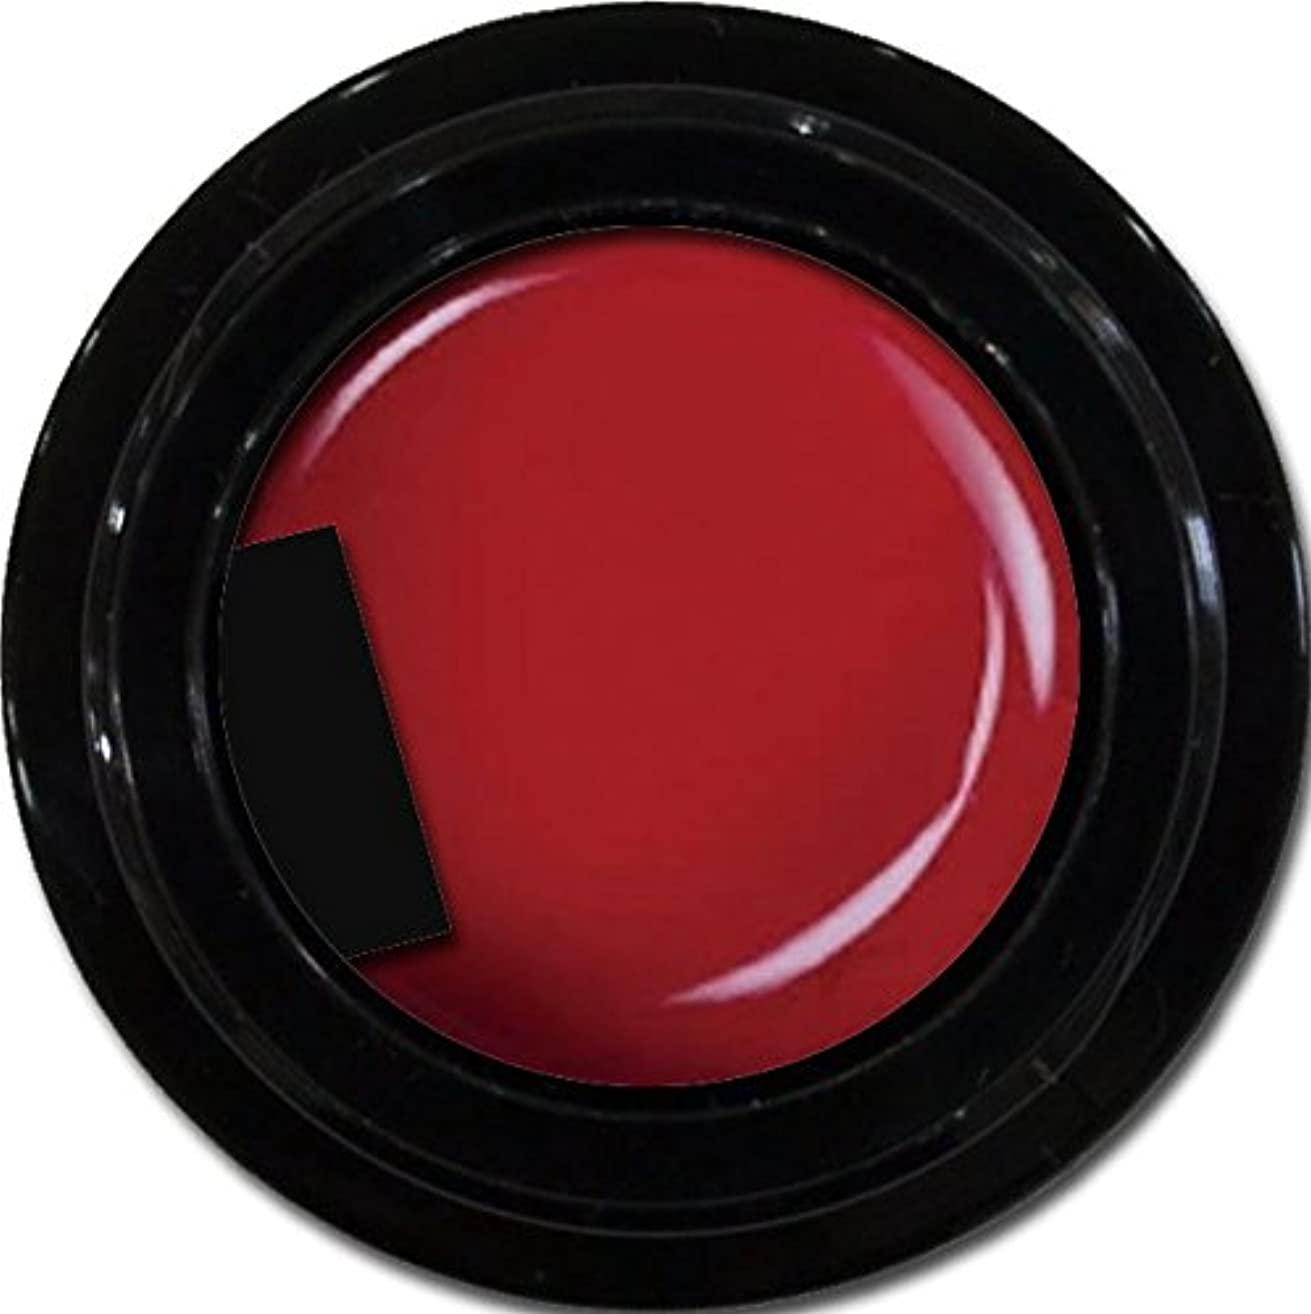 商品思慮のない狂信者カラージェル enchant color gel M401 ShinyRed 3g/ マットカラージェル M401 シャイニーレッド 3グラム